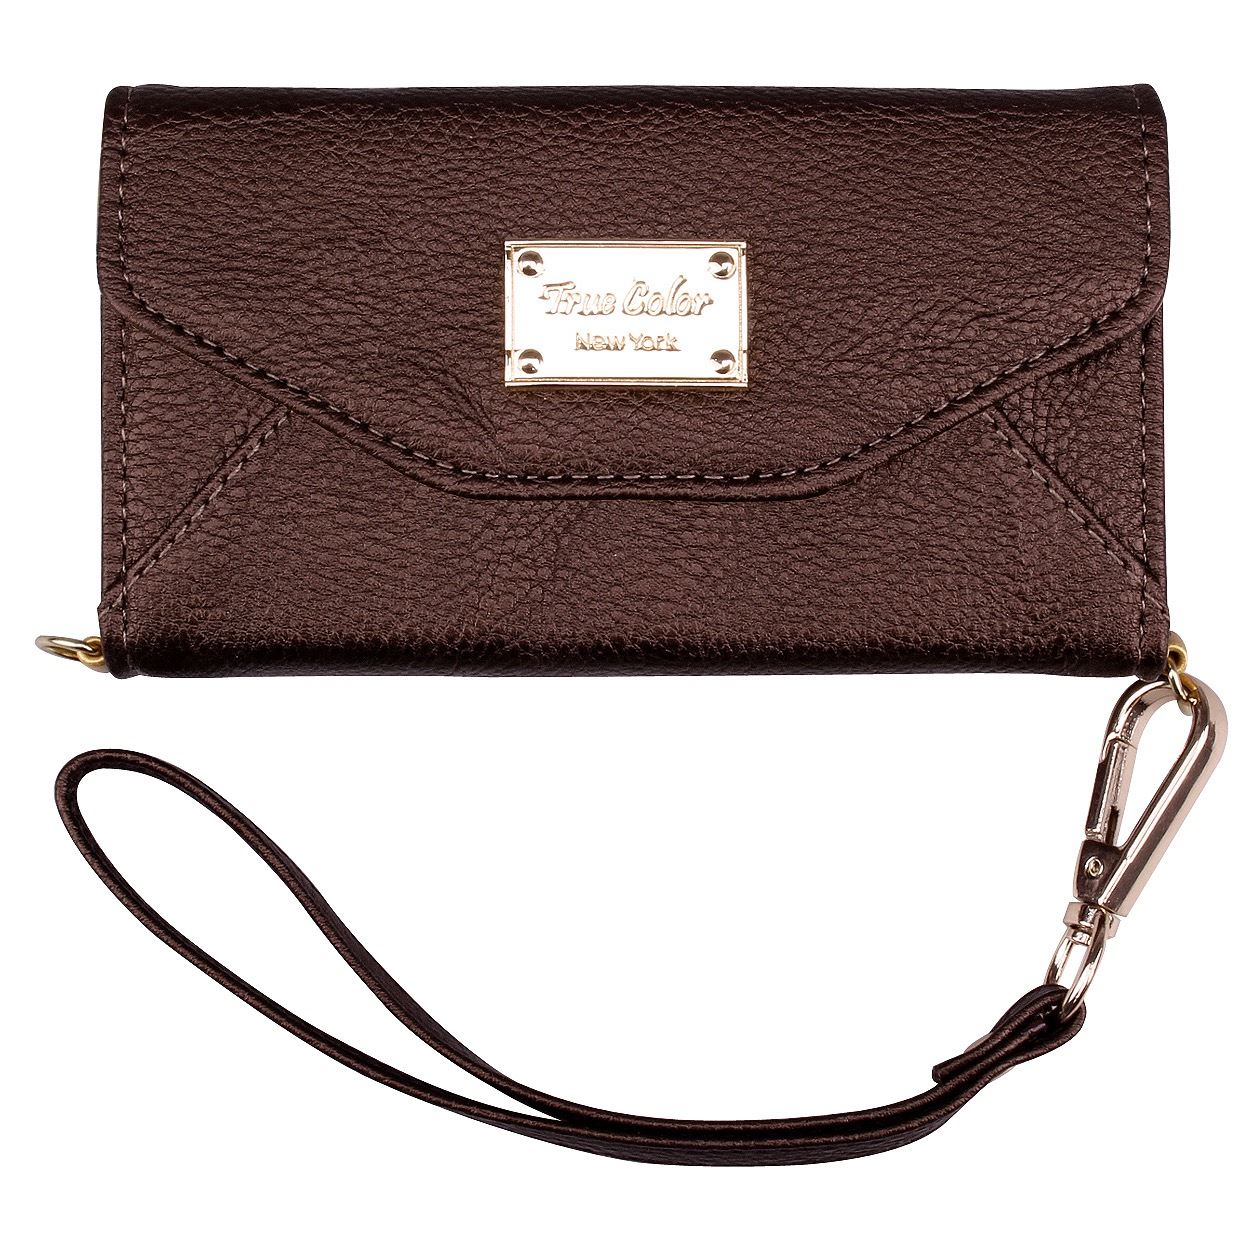 iPhone 6 6s Wallet Case, True Color Premium Leatherette Polka Dots Wristlet Clutch Folio Tri-Fold Wallet Purse Case Cover - Black